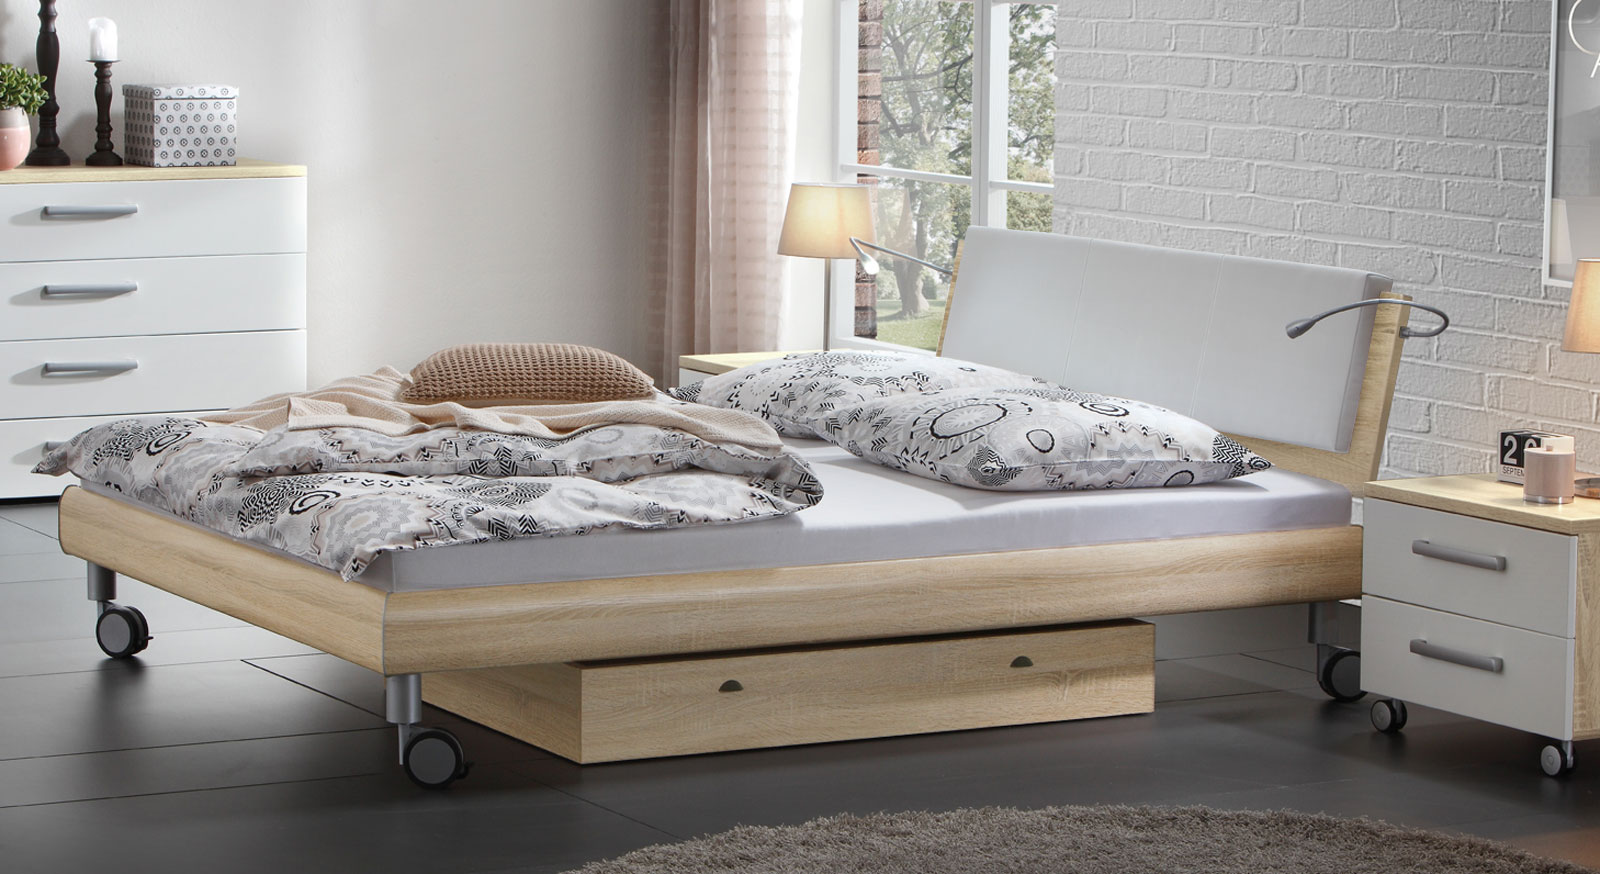 Bett Antia mit passenden Produkten